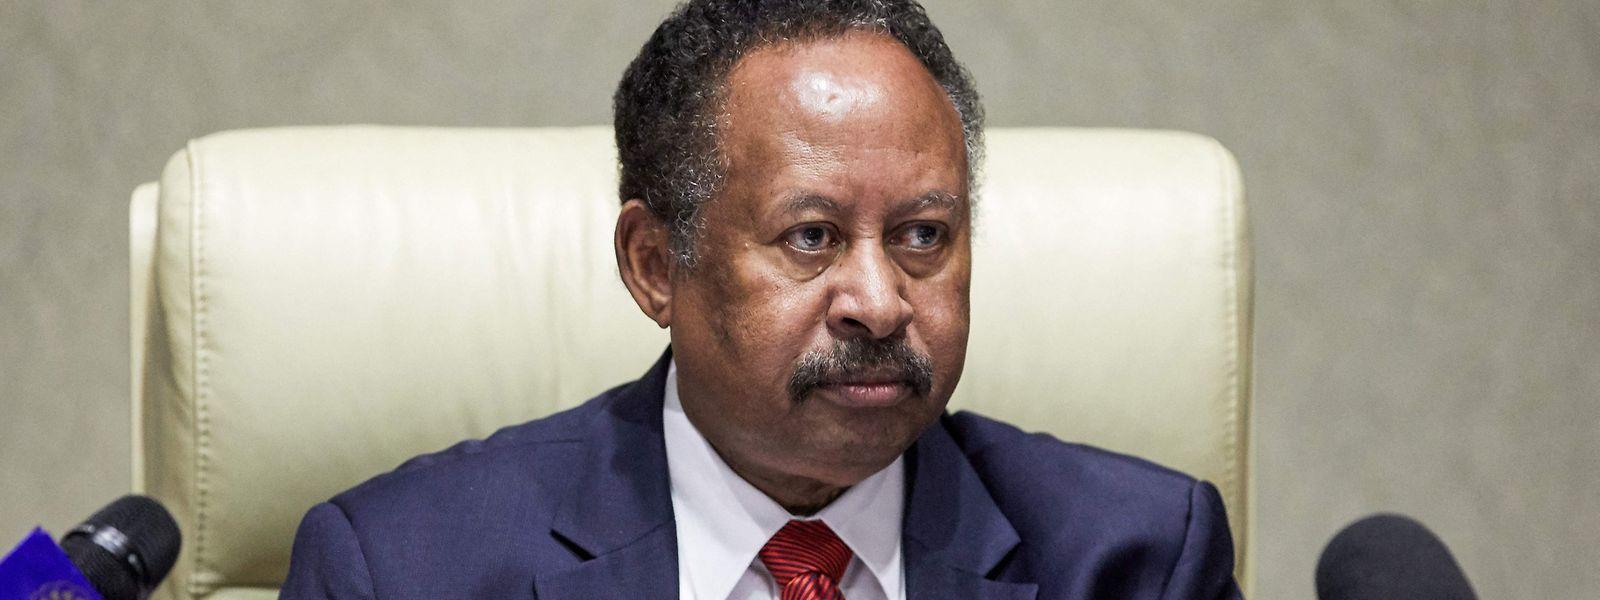 """Nach dem Putschversuch sprach der sudanesische Übergangspremier Abdalla Hamdok von """"Überbleibseln des Vorgängerregimes""""."""